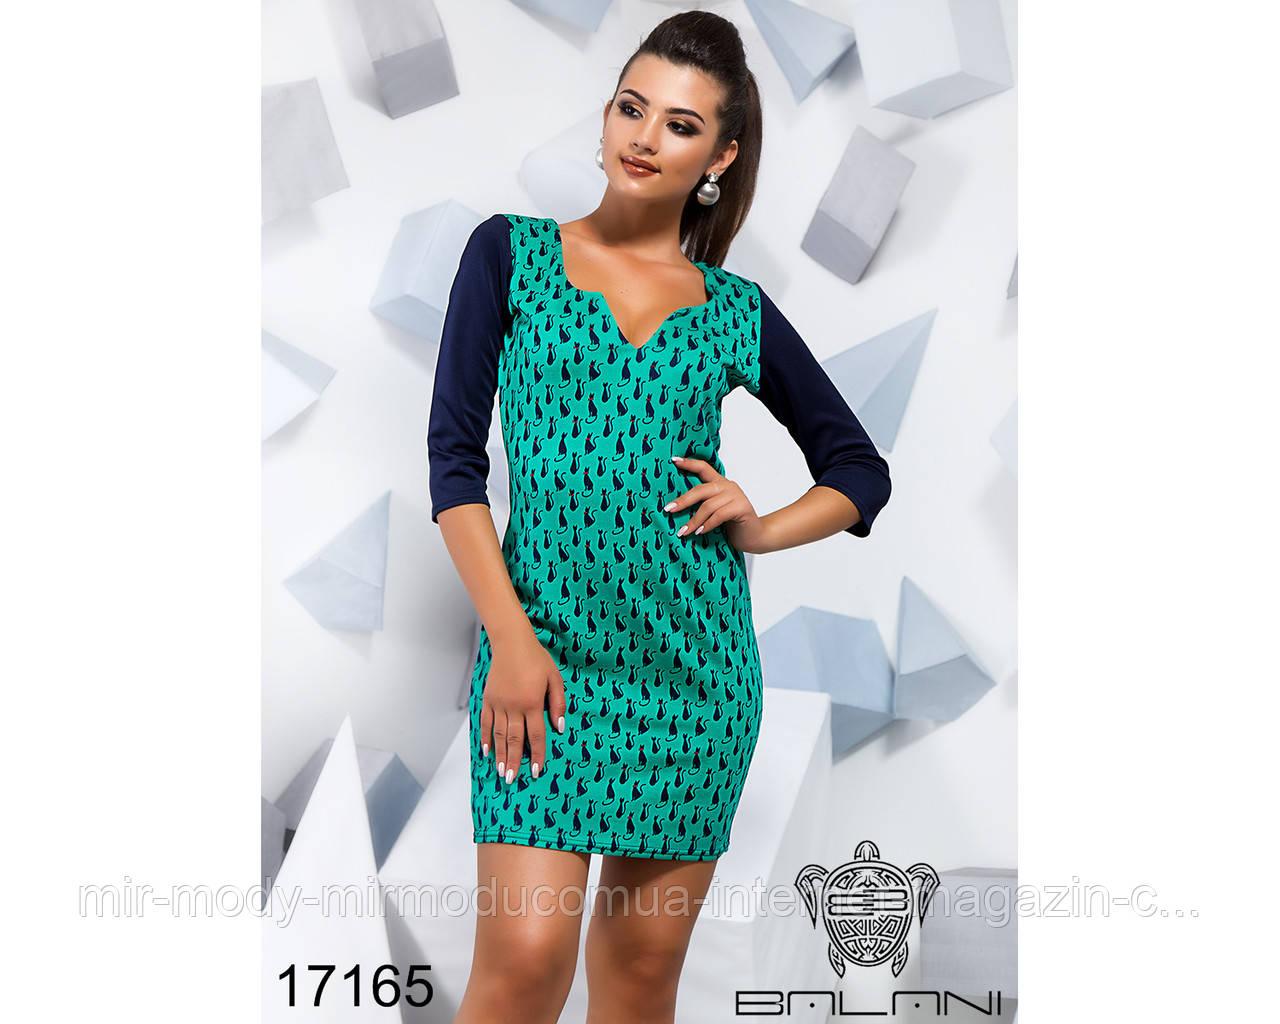 Облегающее принтованое платье - 17164 (б-ни)